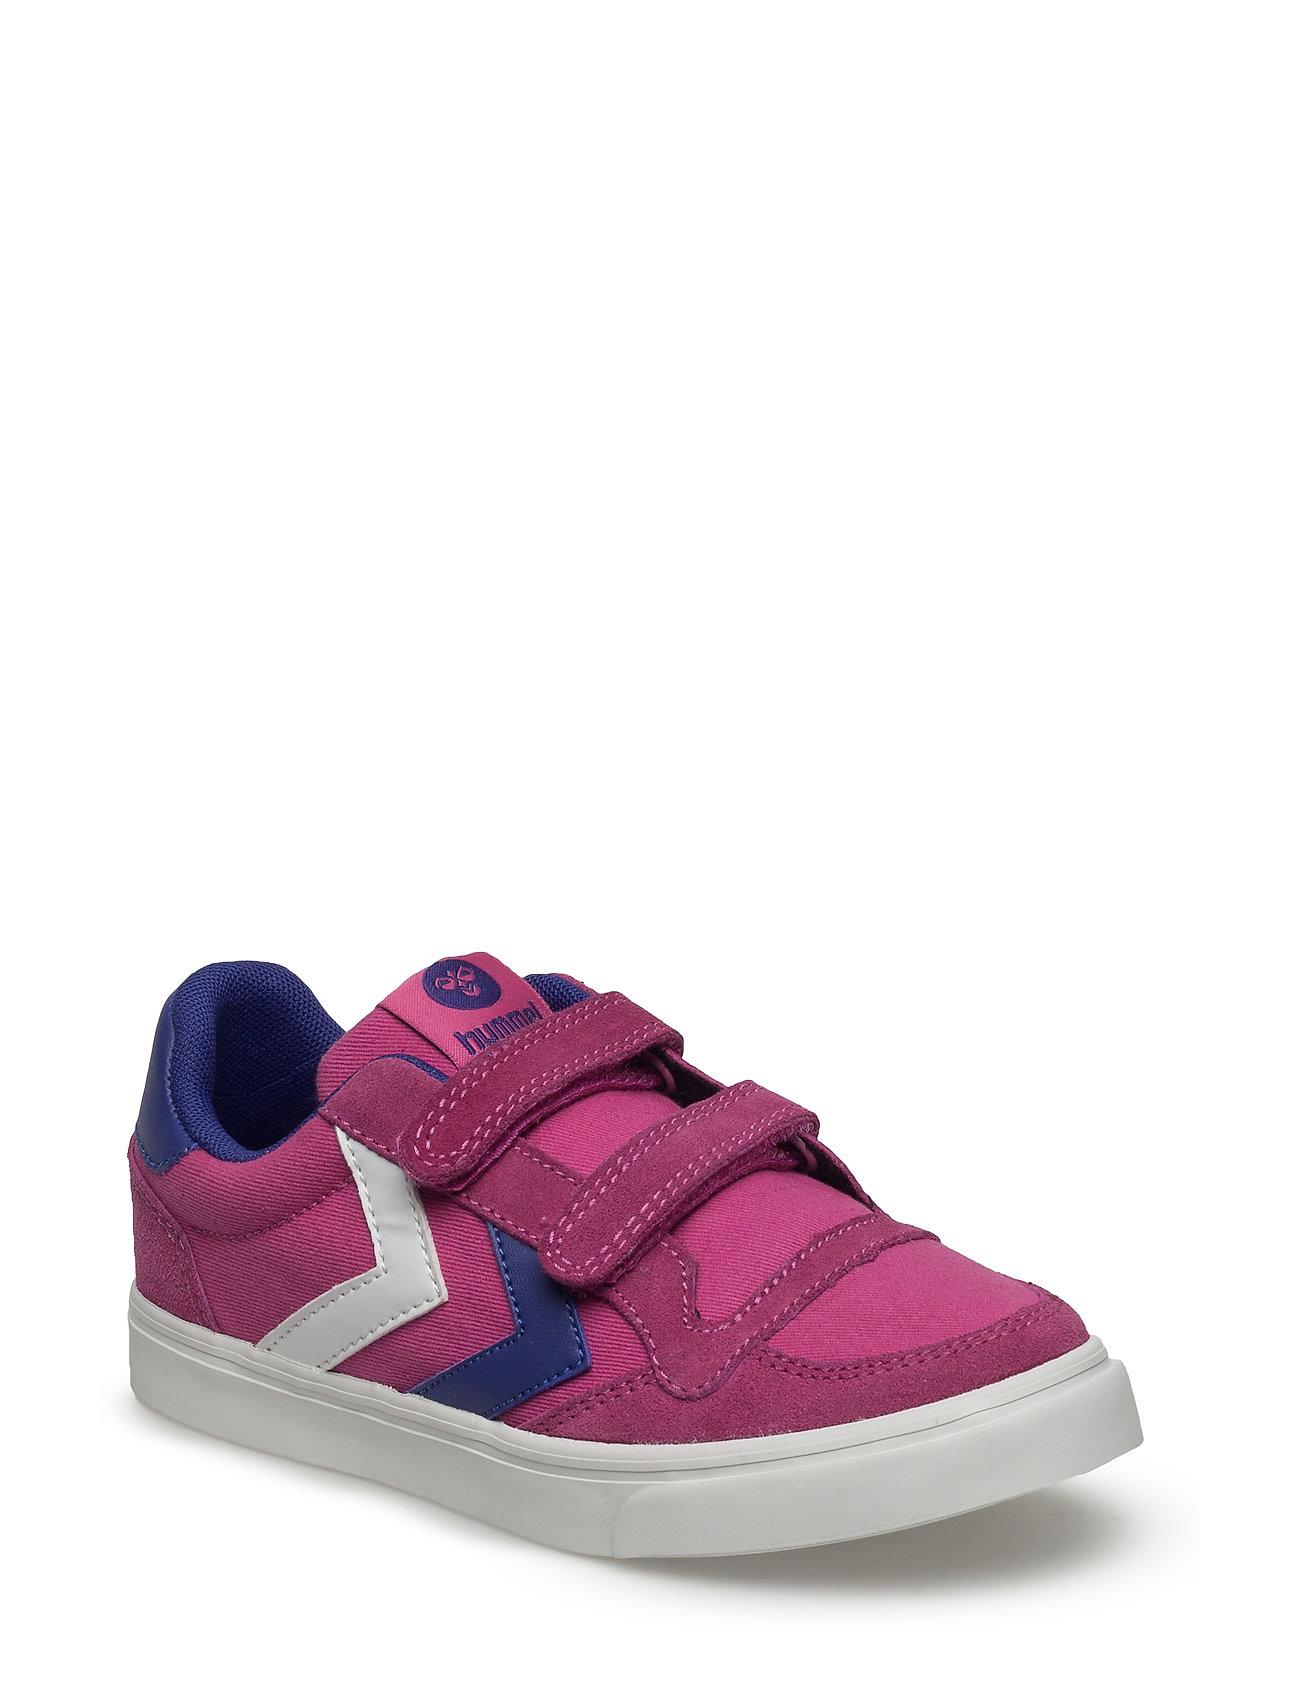 Stadil Canvas Low Jr Hummel Sko & Sneakers til Børn i